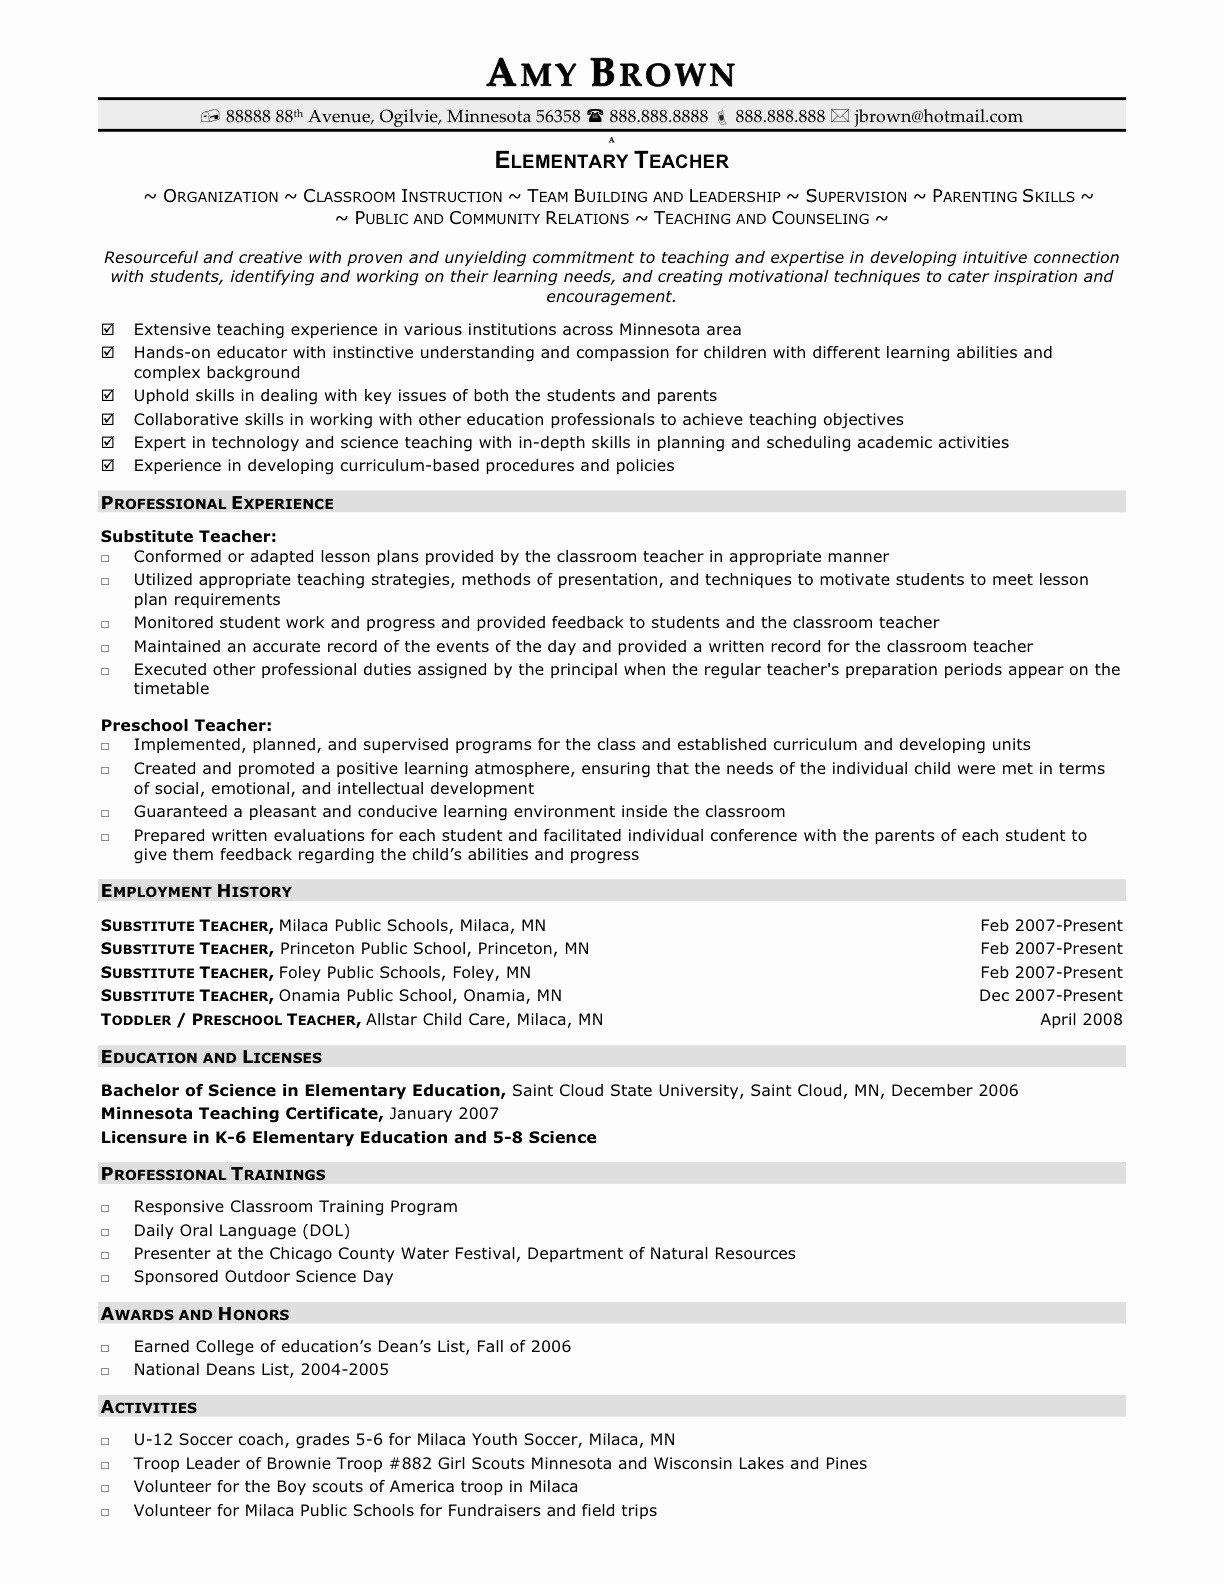 Resume for Elementary Teachers Teacher Resume Examples